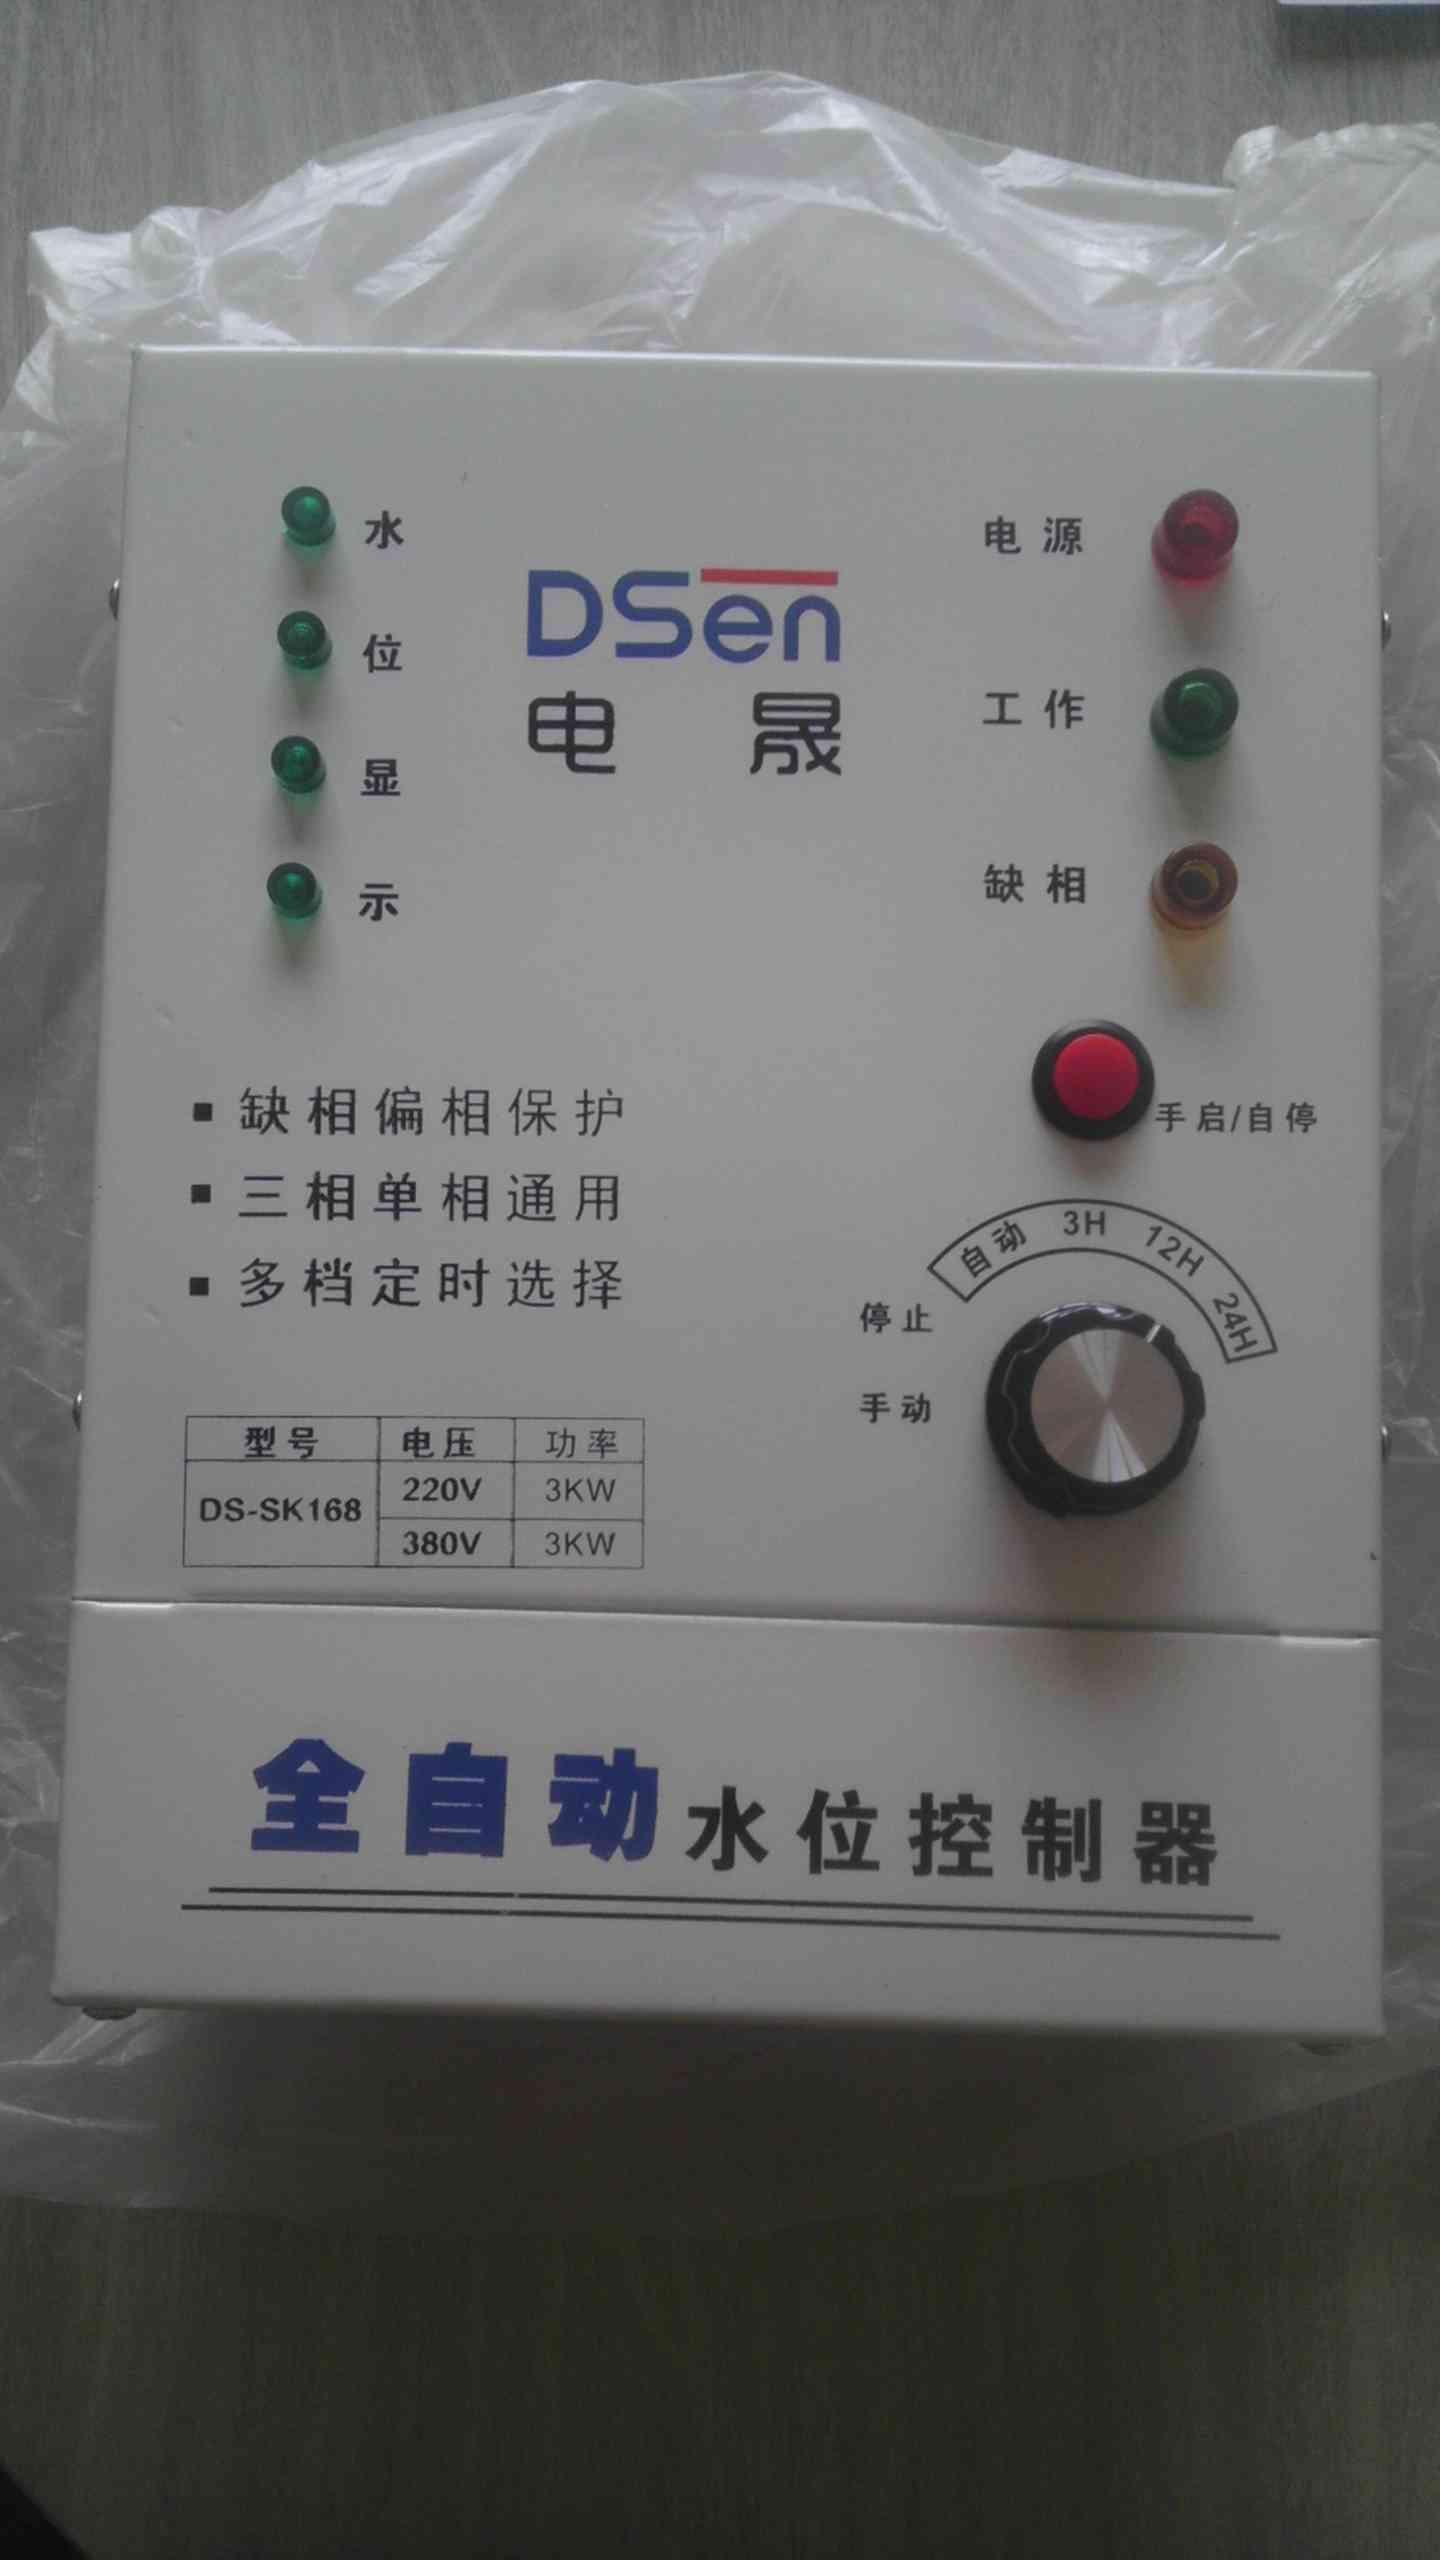 柱上开关分界控制器是中压架空线电网的监控单元,与柱上真空断路器或负荷开关配合实现线路保护以及接地保护功能。SOG功能看门狗控制器在故障电流很大的情况下控 制器闭锁跳闸,等上一级控制器跳完闸后,再跳闸。配上GPRS通信模块可构建配网自动化系统,控制单元